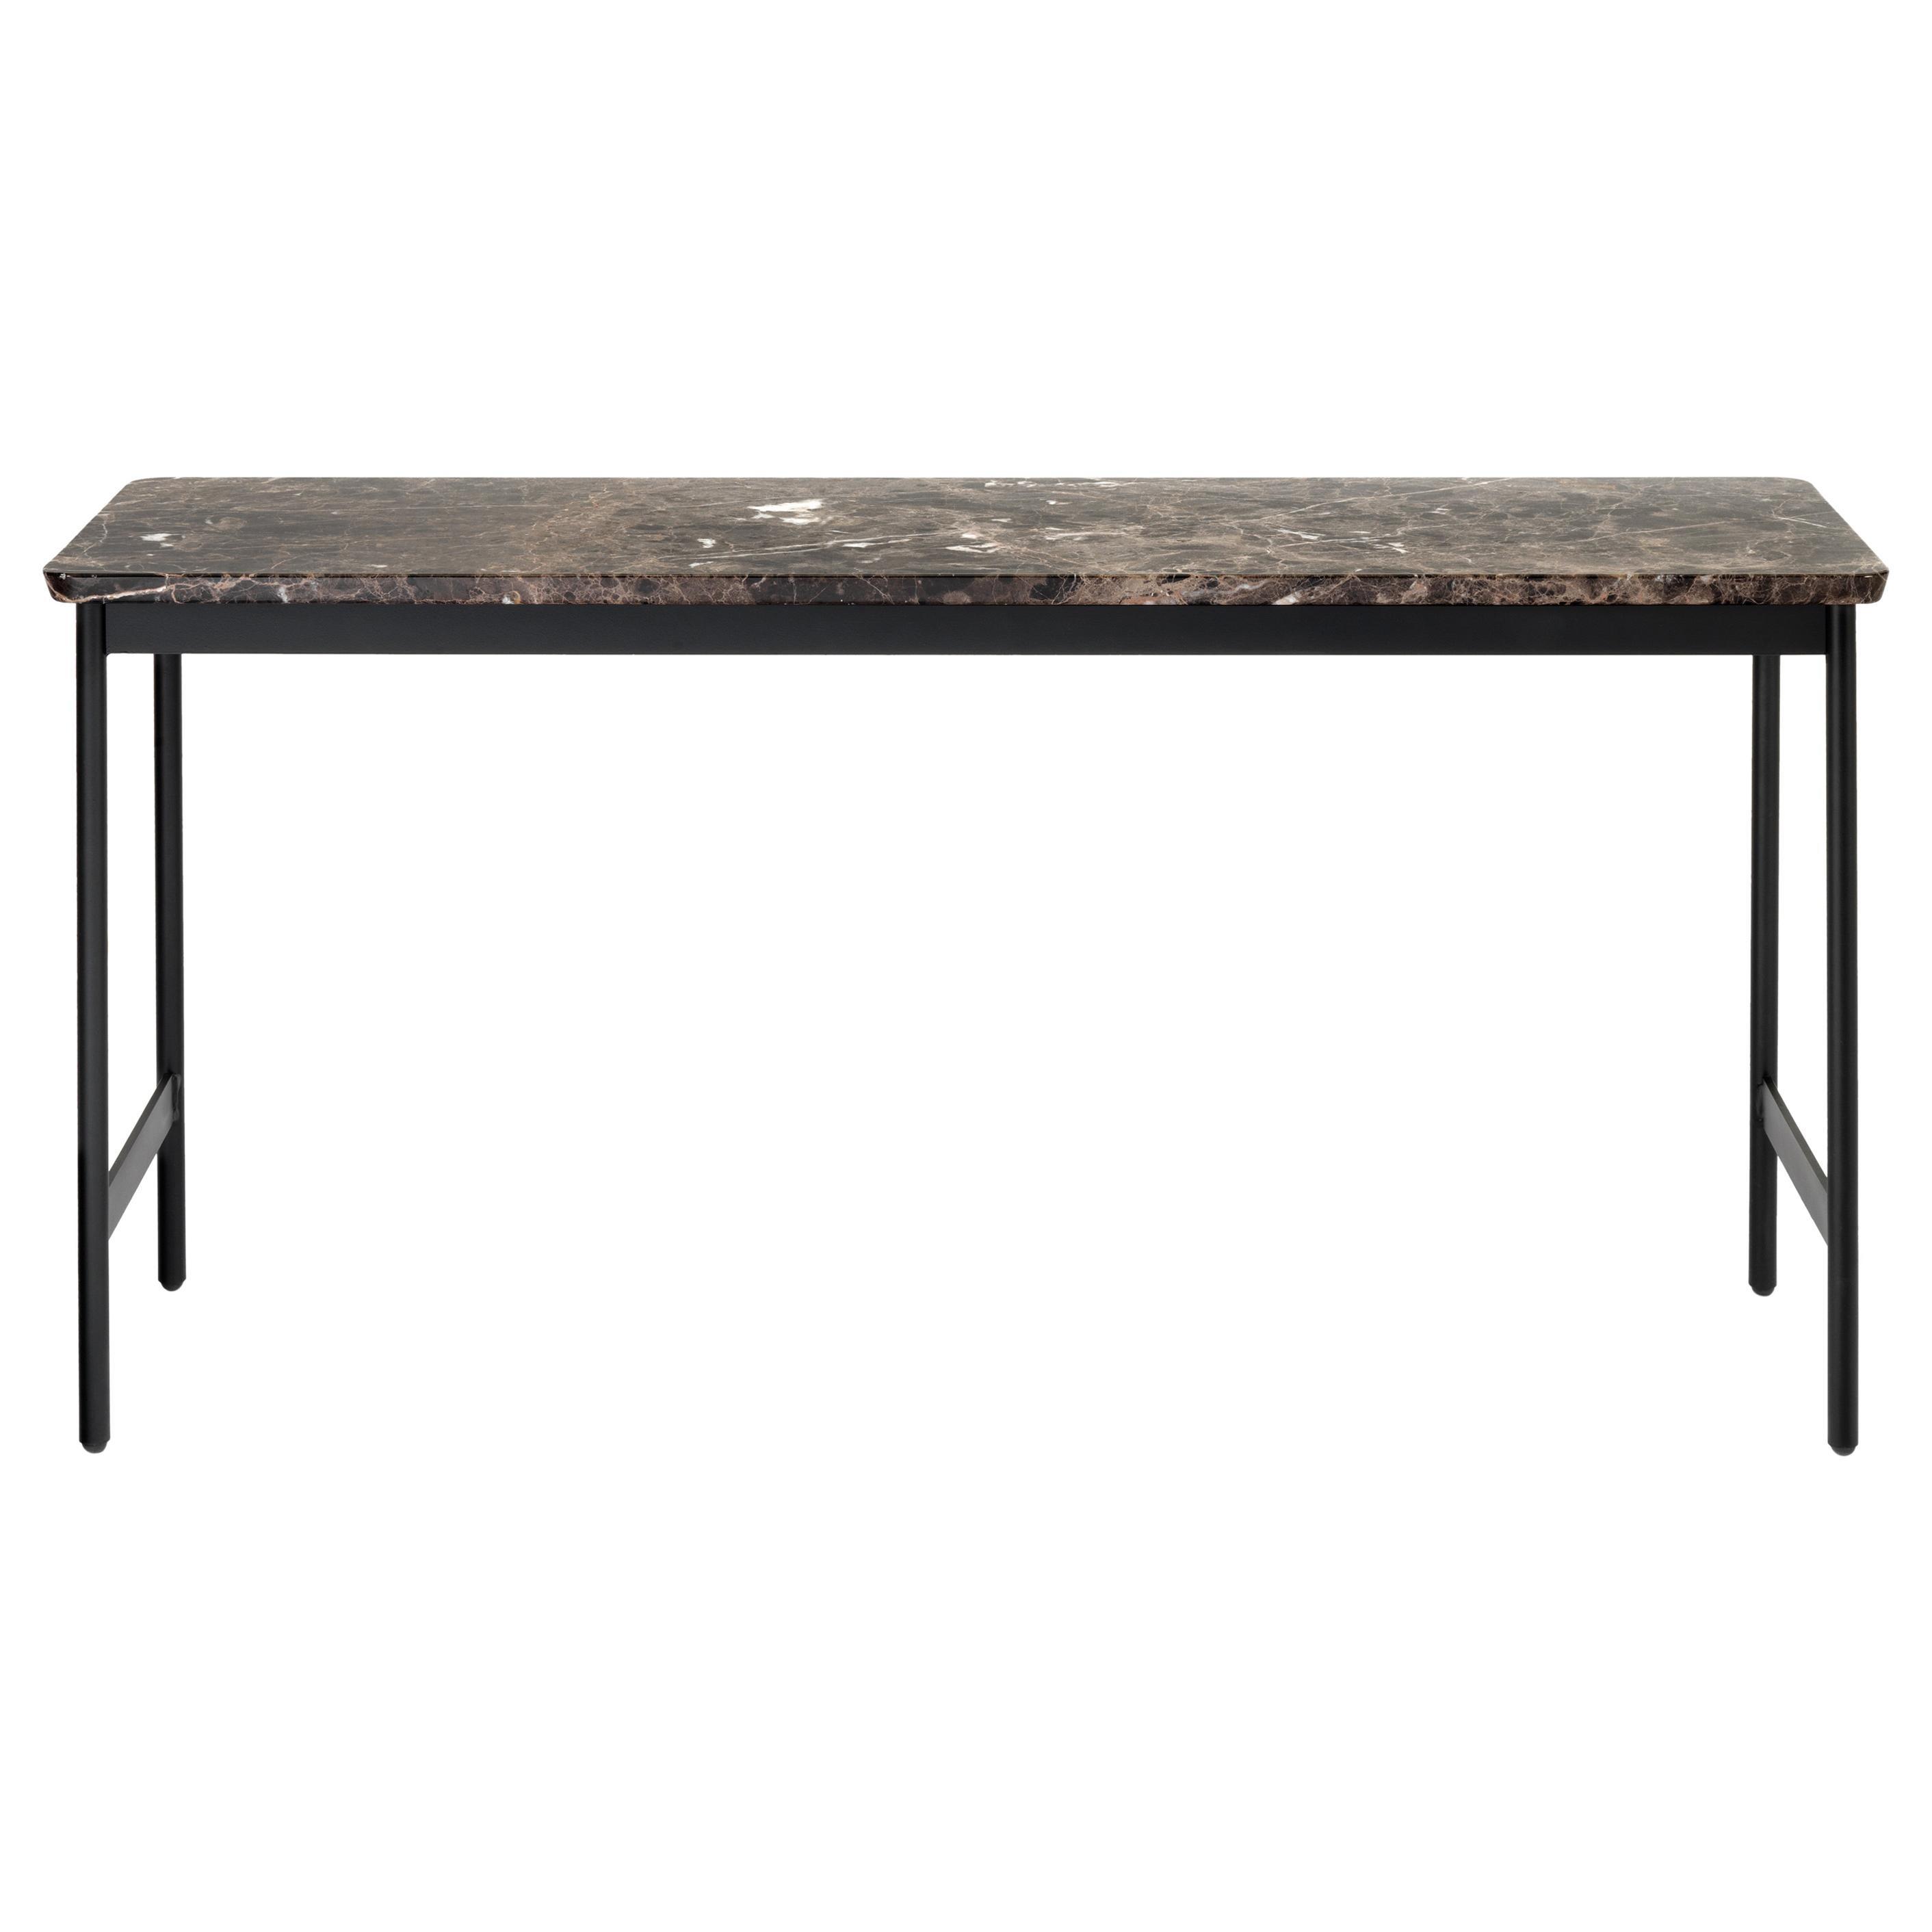 Arflex Capilano 96cm Small Table in Emperador Marble Top by Luca Nichetto